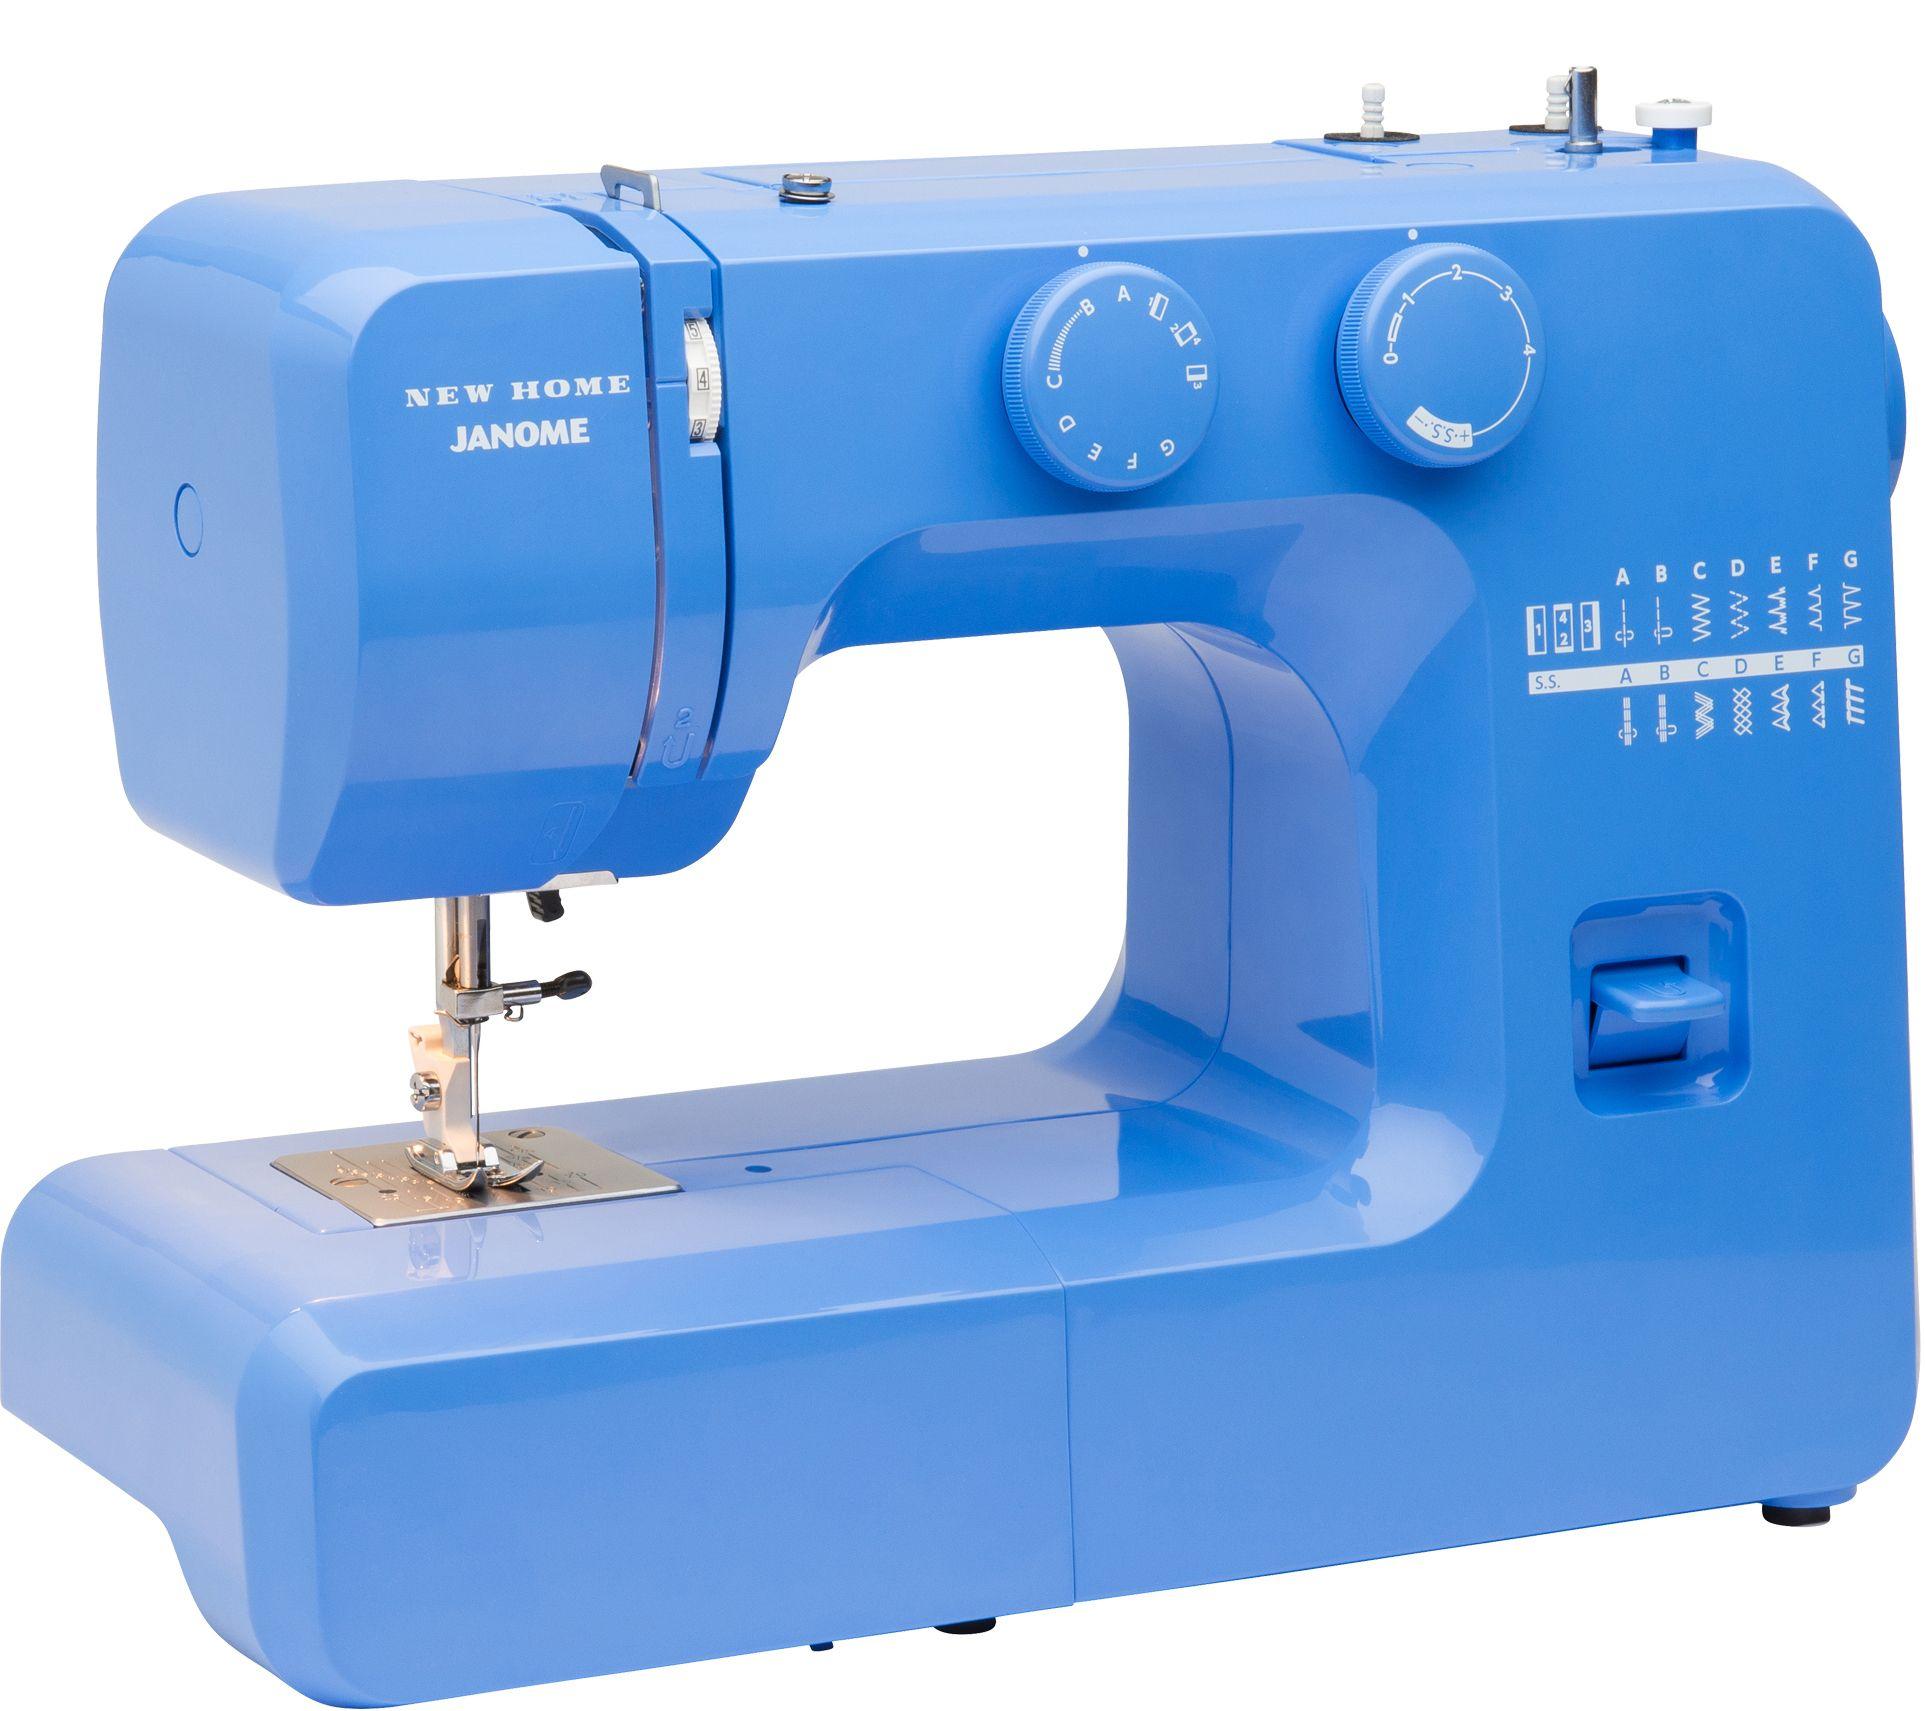 Janome Beginner Sewing Machine - QVC.com